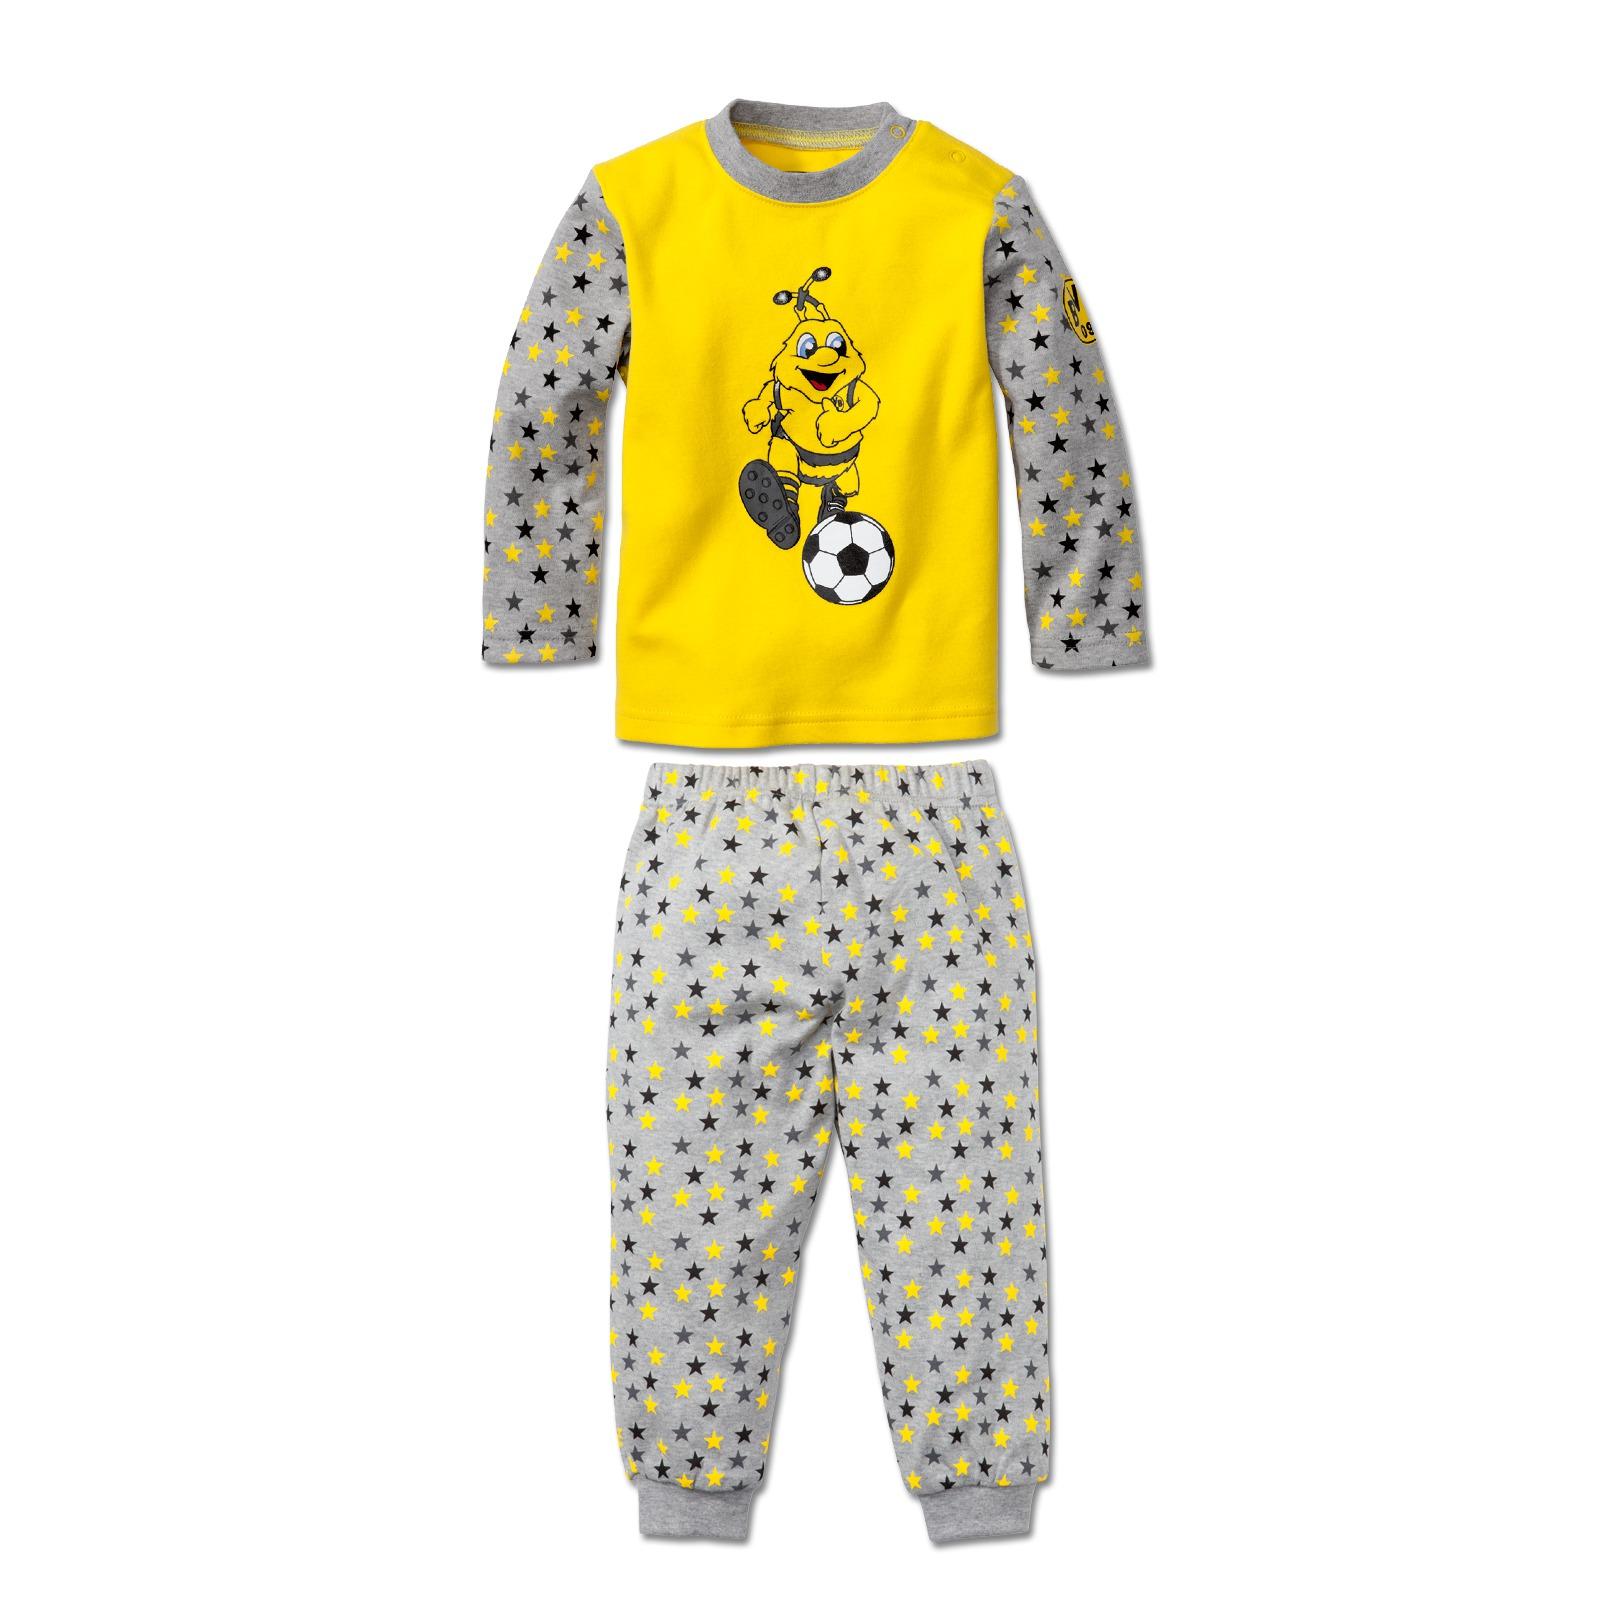 bvb schlafanzug f r kleinkinder emma kinder offizieller bvb online fanshop. Black Bedroom Furniture Sets. Home Design Ideas